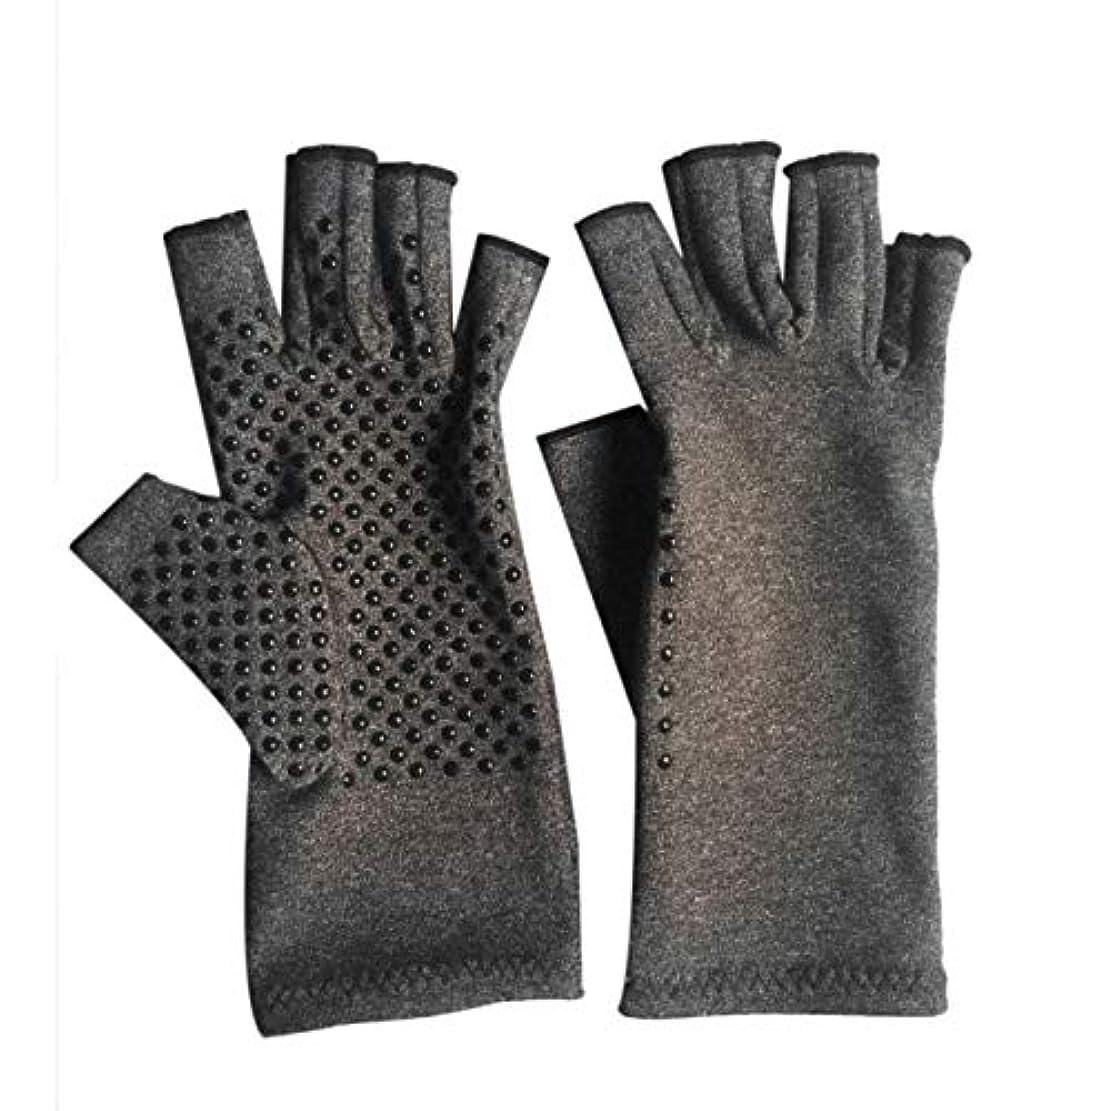 チーターマニュアル組み合わせるDeeploveUU 1ペアユニセックス男性女性療法圧縮手袋関節炎関節痛緩和ヘルスケアハーフフィンガーグローブトレーニンググローブ